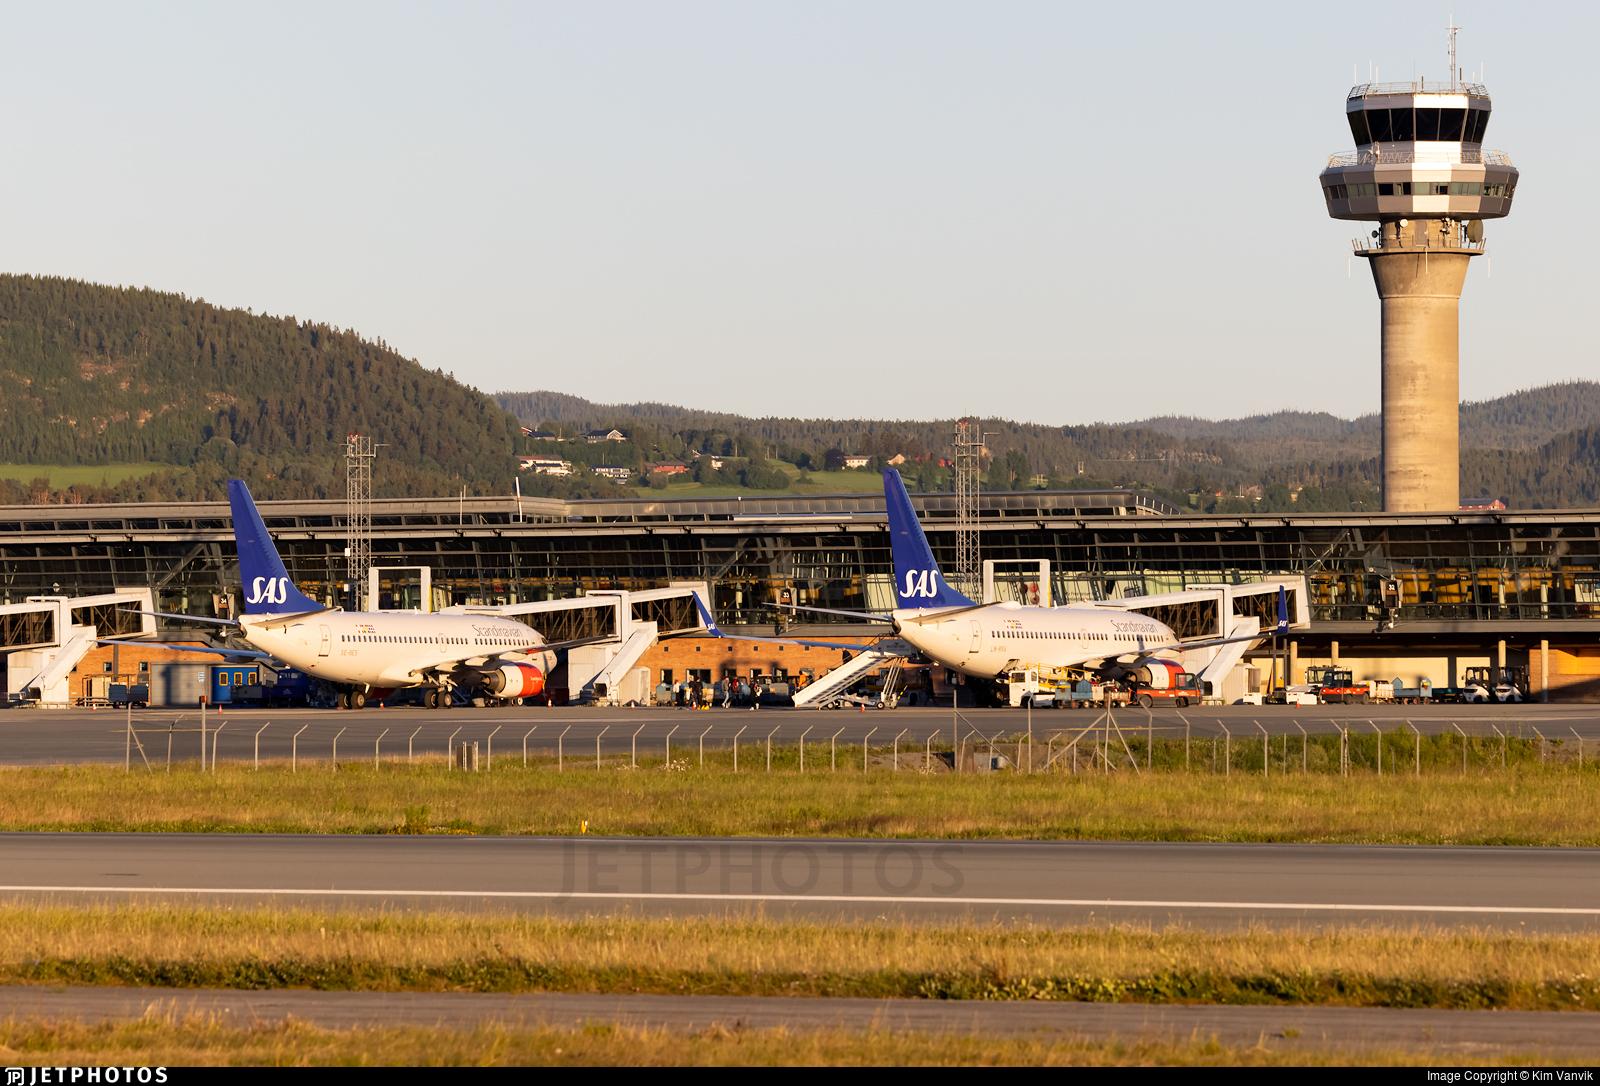 ENVA - Airport - Ramp